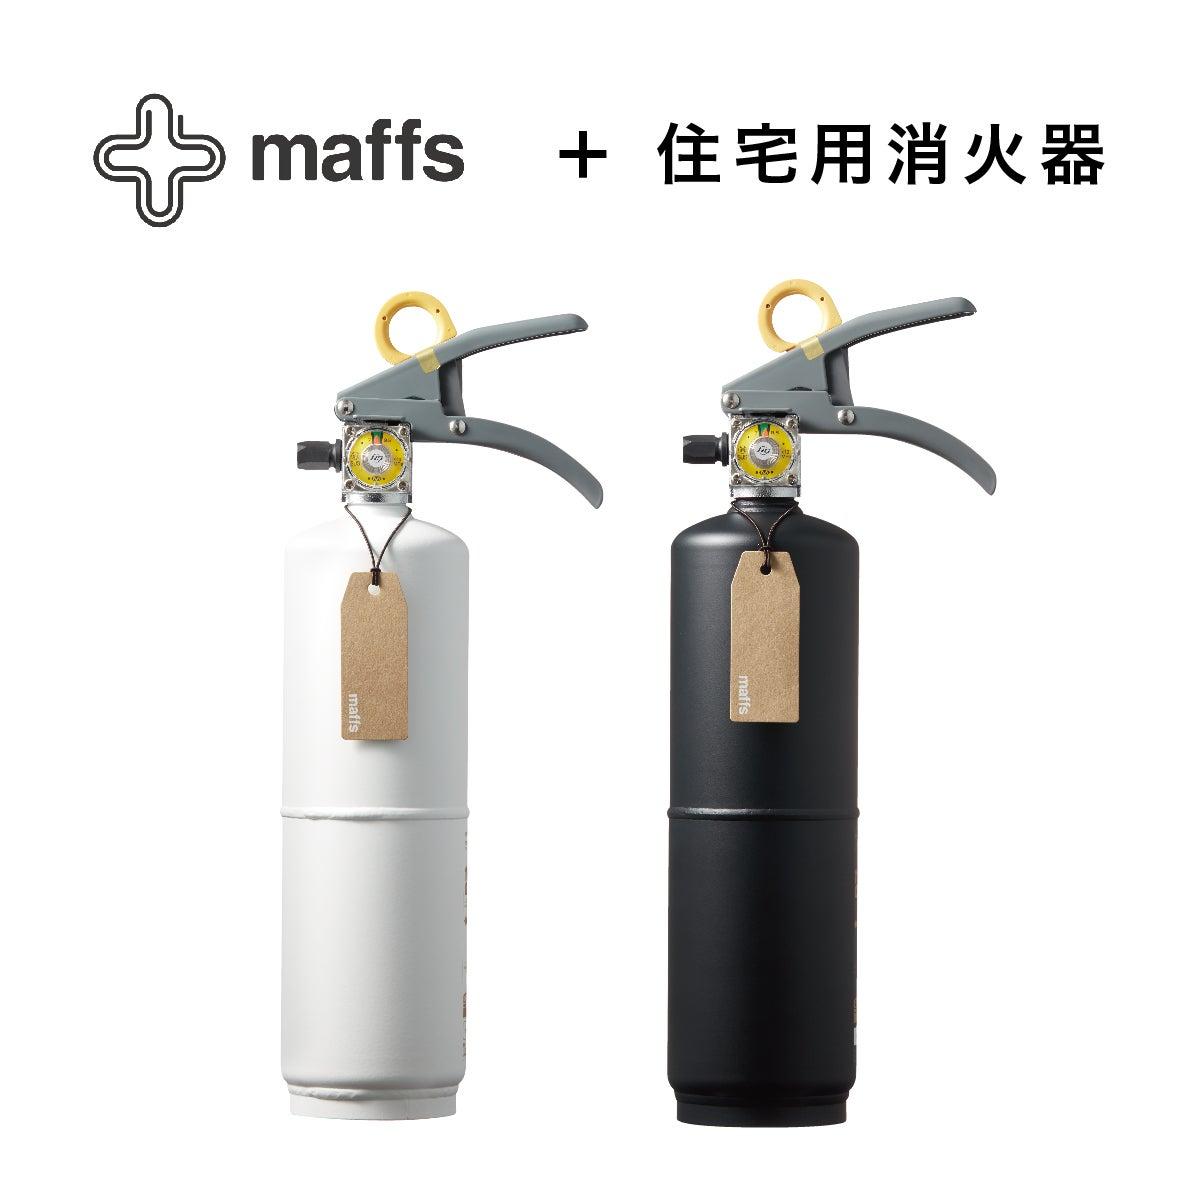 インテリア消火器 +maffs | のブログ